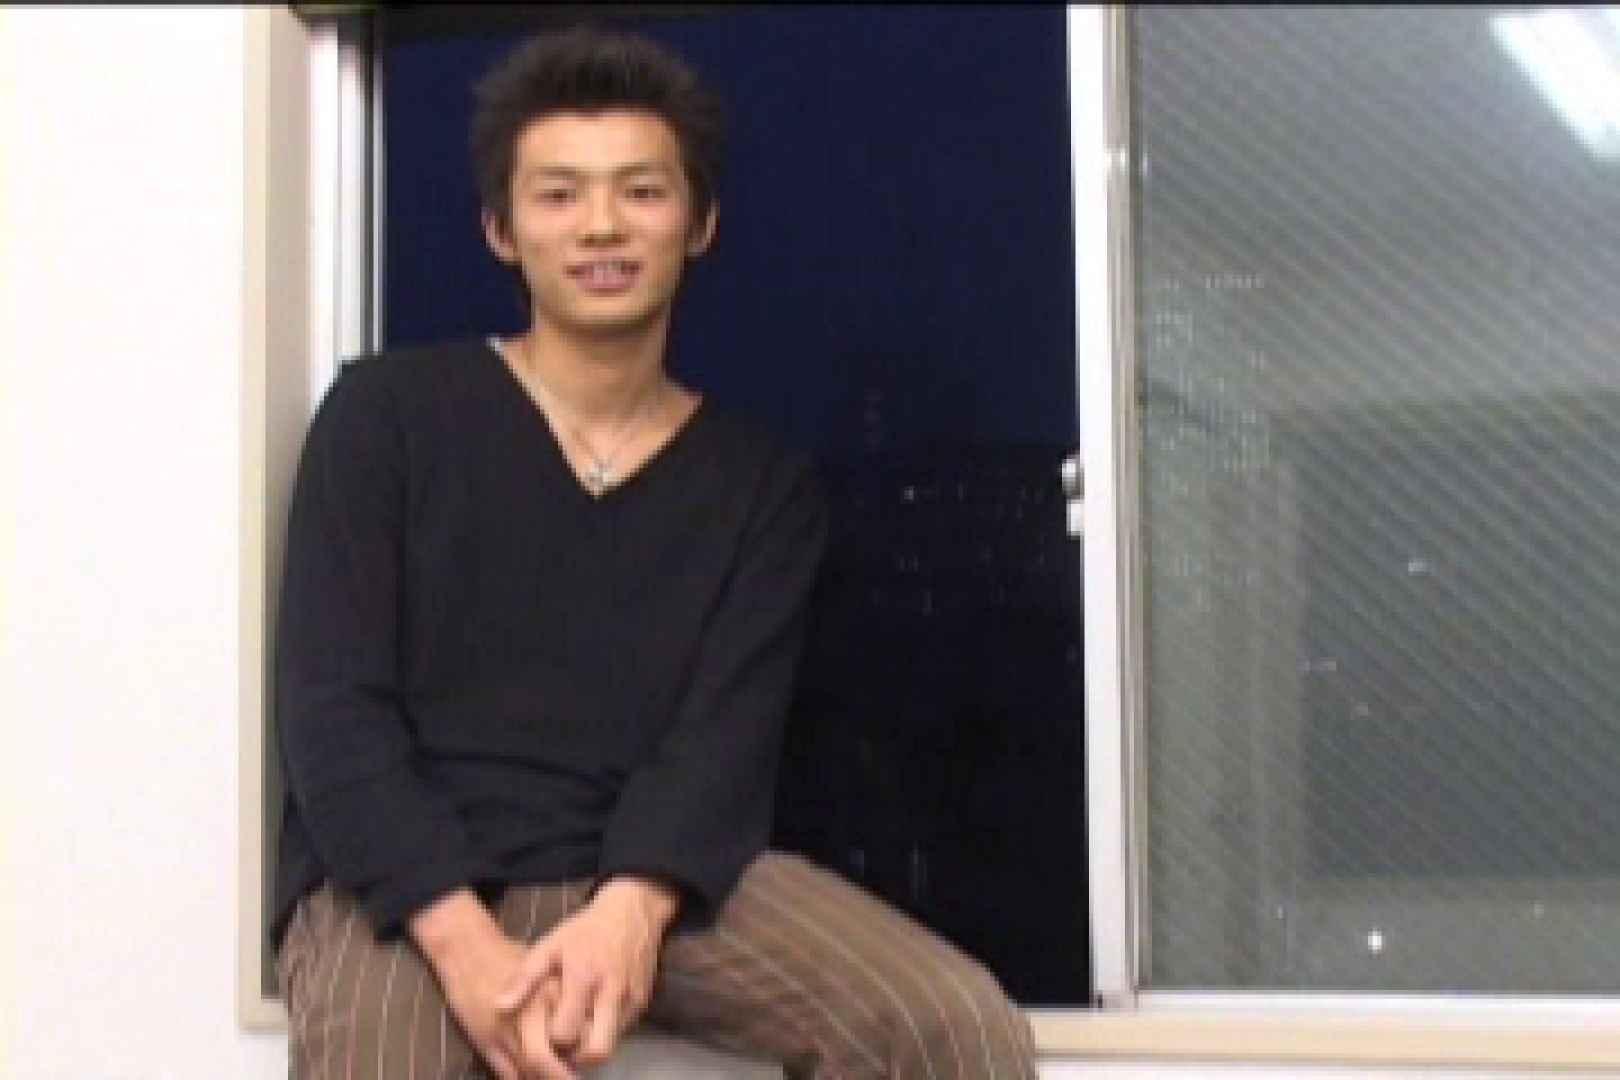 ノンケ君?まさかの初体験!!大学生のPVFile.first day 学生 ゲイエロ動画 75pic 24